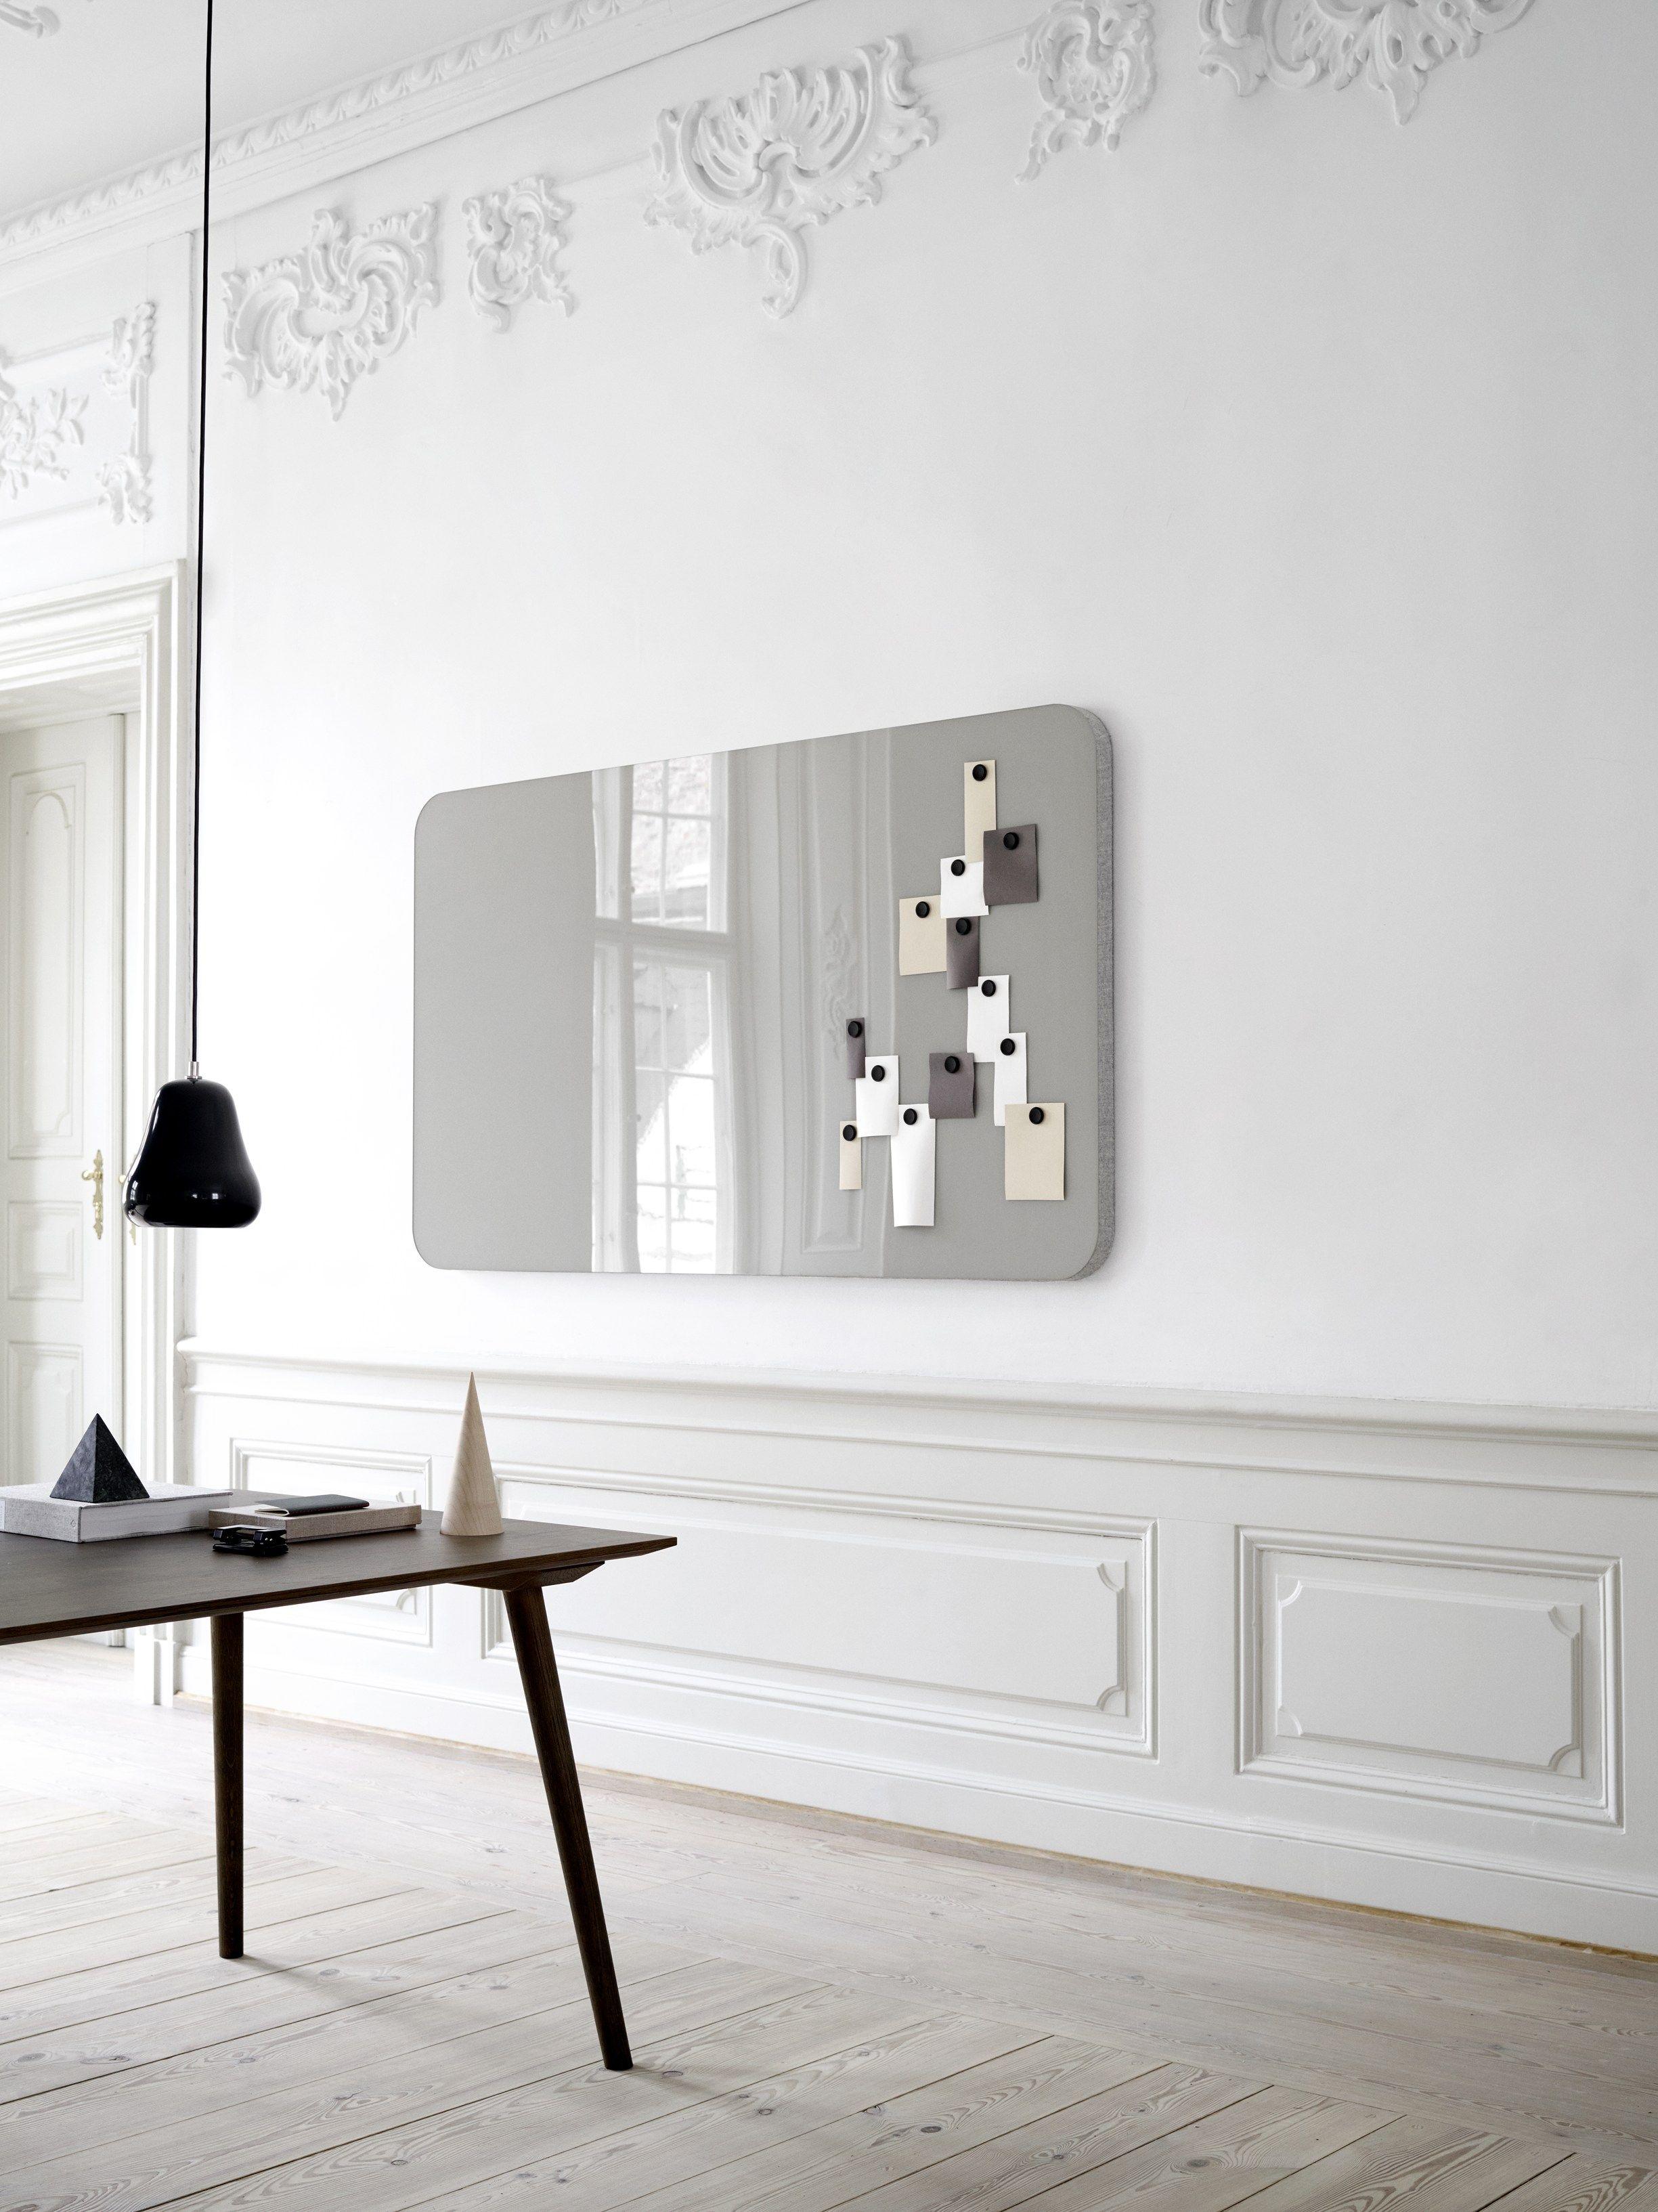 Lavagna per ufficio magnetica a parete mood fabric wall by lintex ...